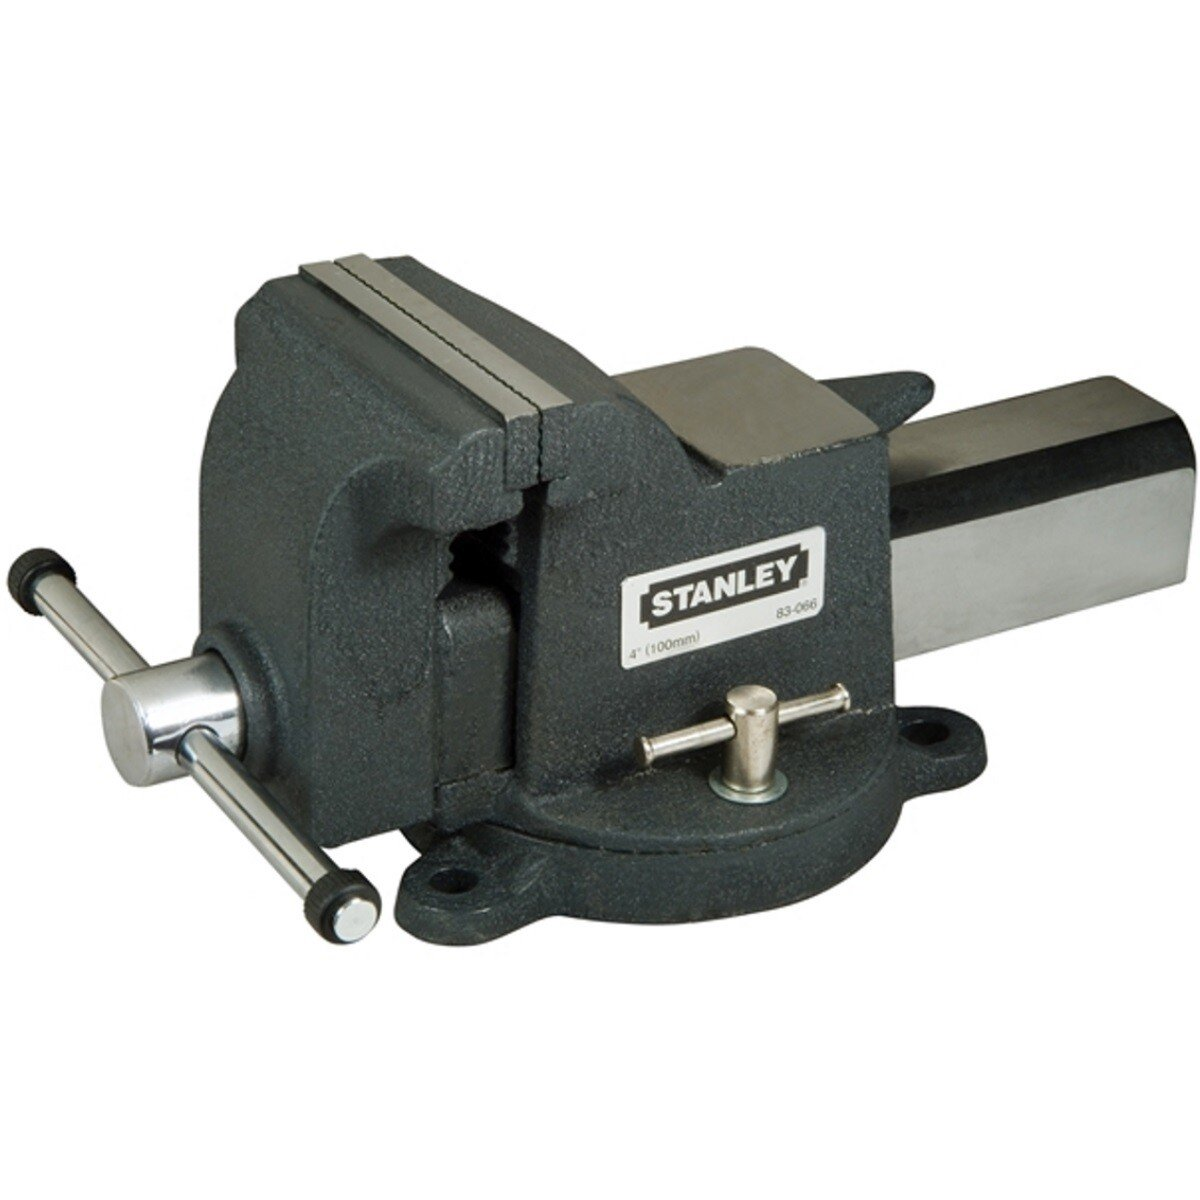 Stanley 1-83-067 MaxSteel Heavy-Duty Bench Vice 120mm (5in) STA183067